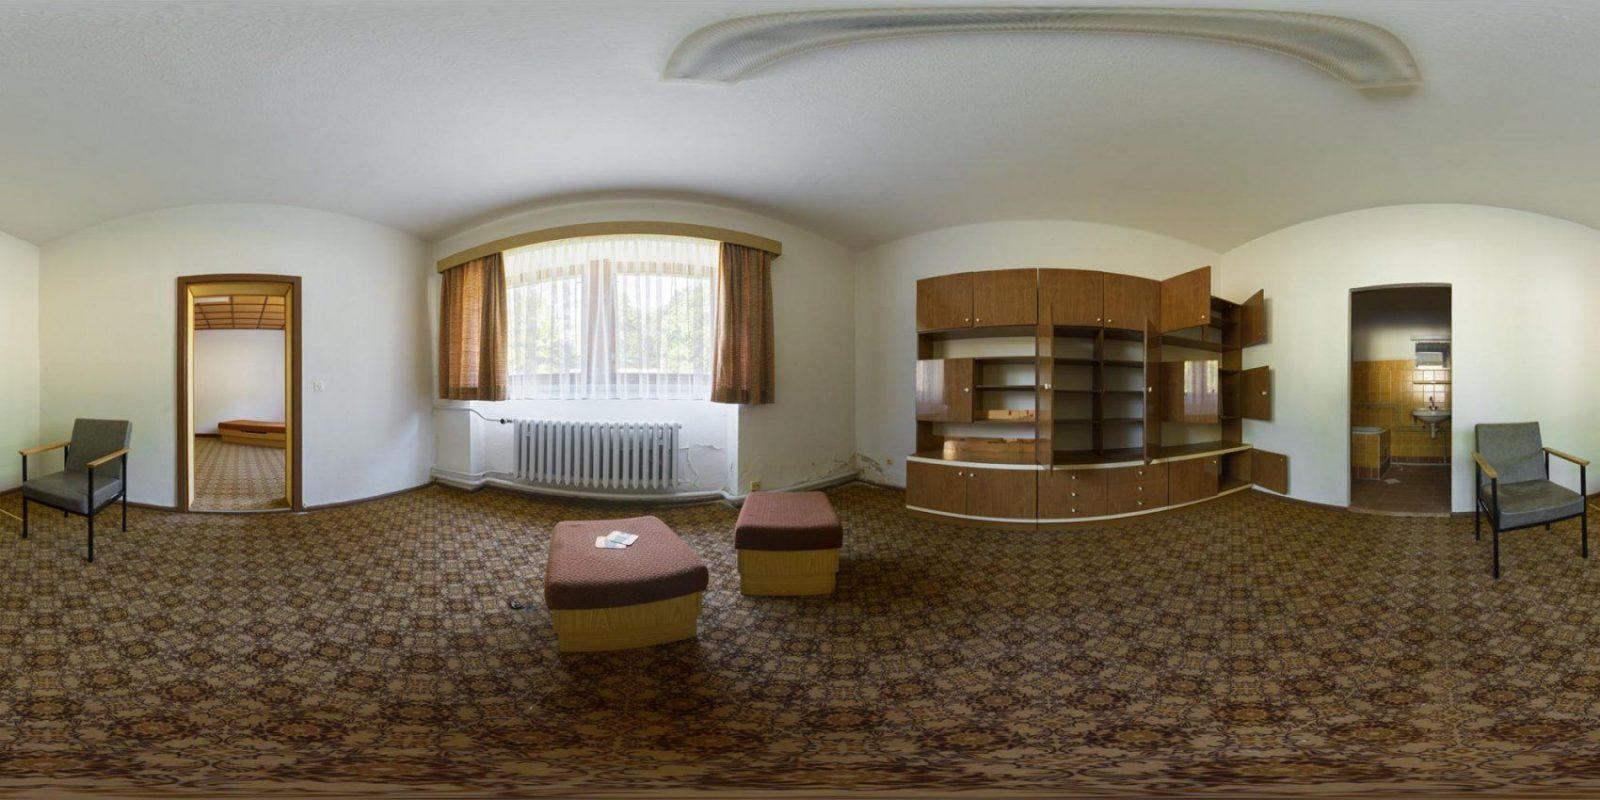 Keller Ausbauen Wohnraum von Keller Als Wohnraum Genehmigung Bild